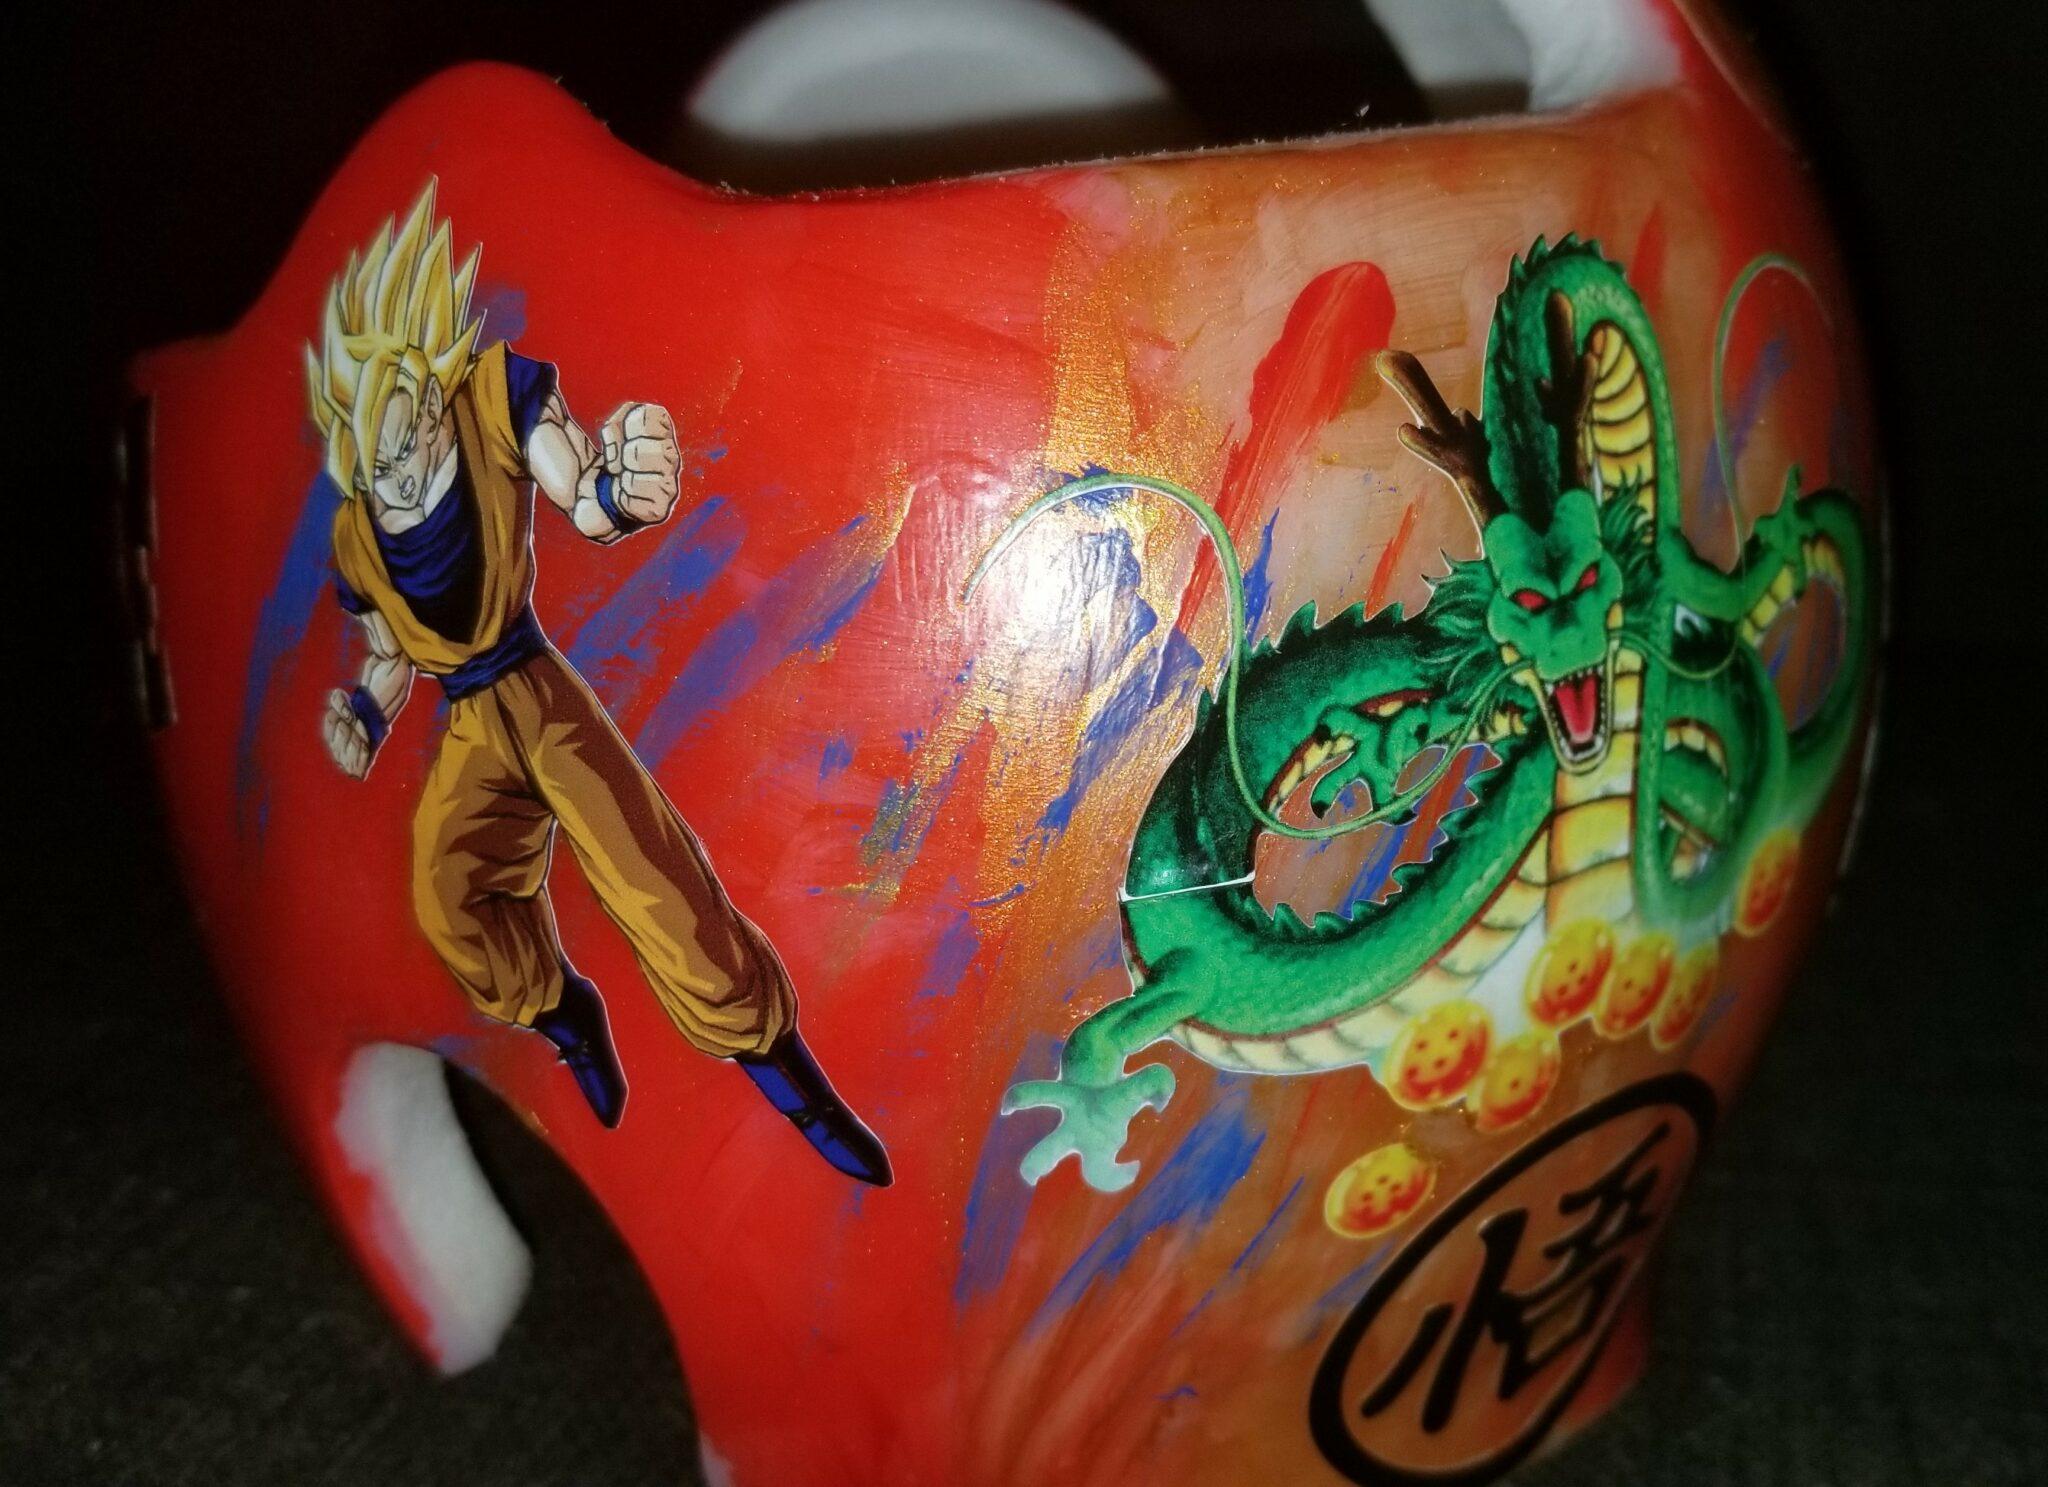 Dragon ball z cranial band